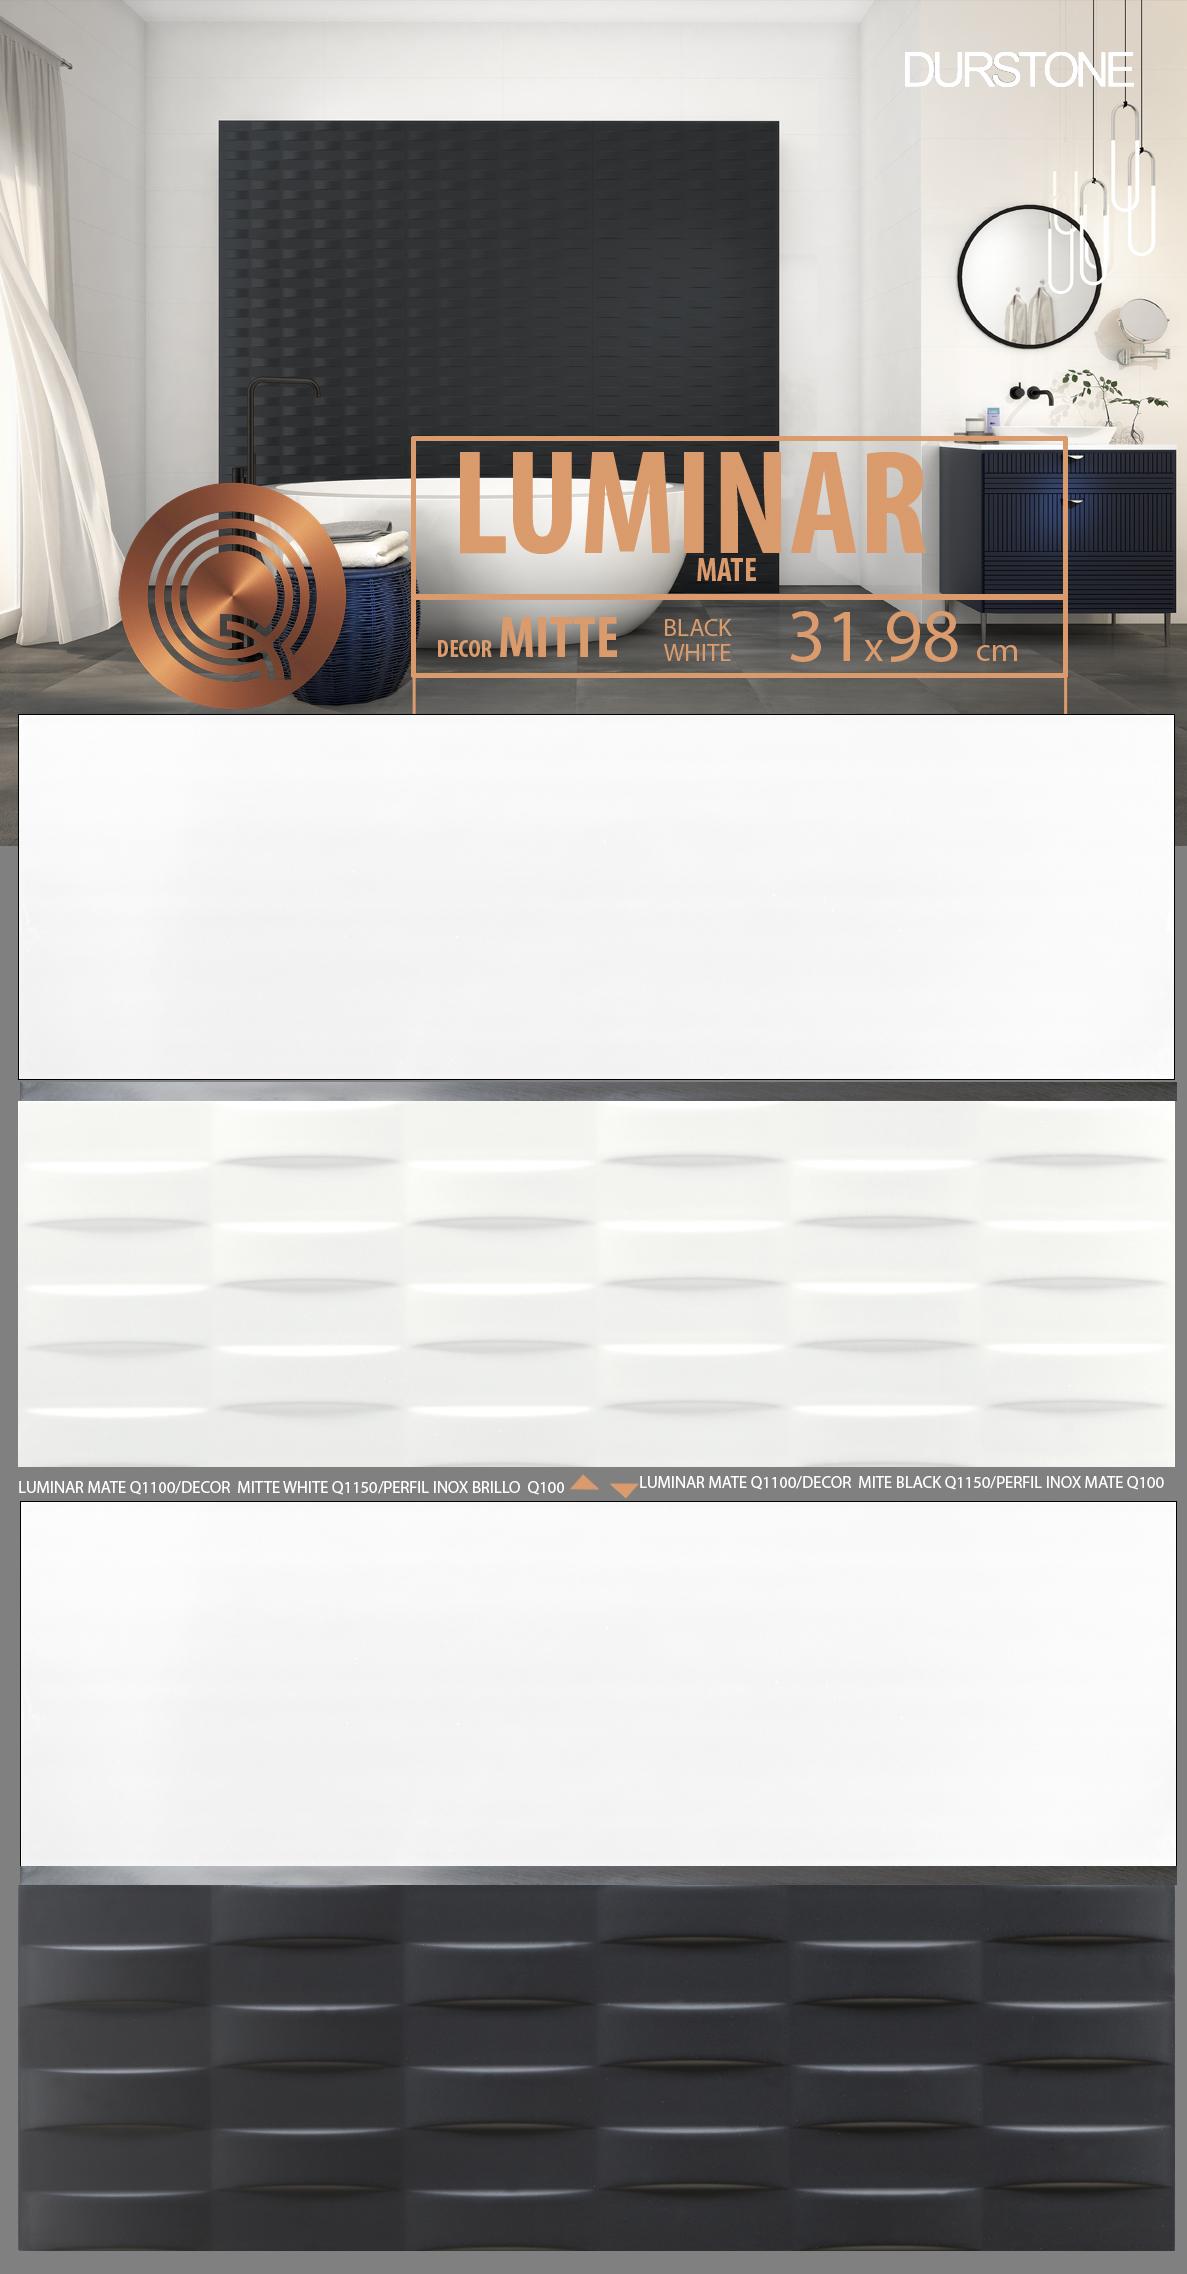 5375 RV PANEL LUMINAR-2 MITTE Cod. 5375